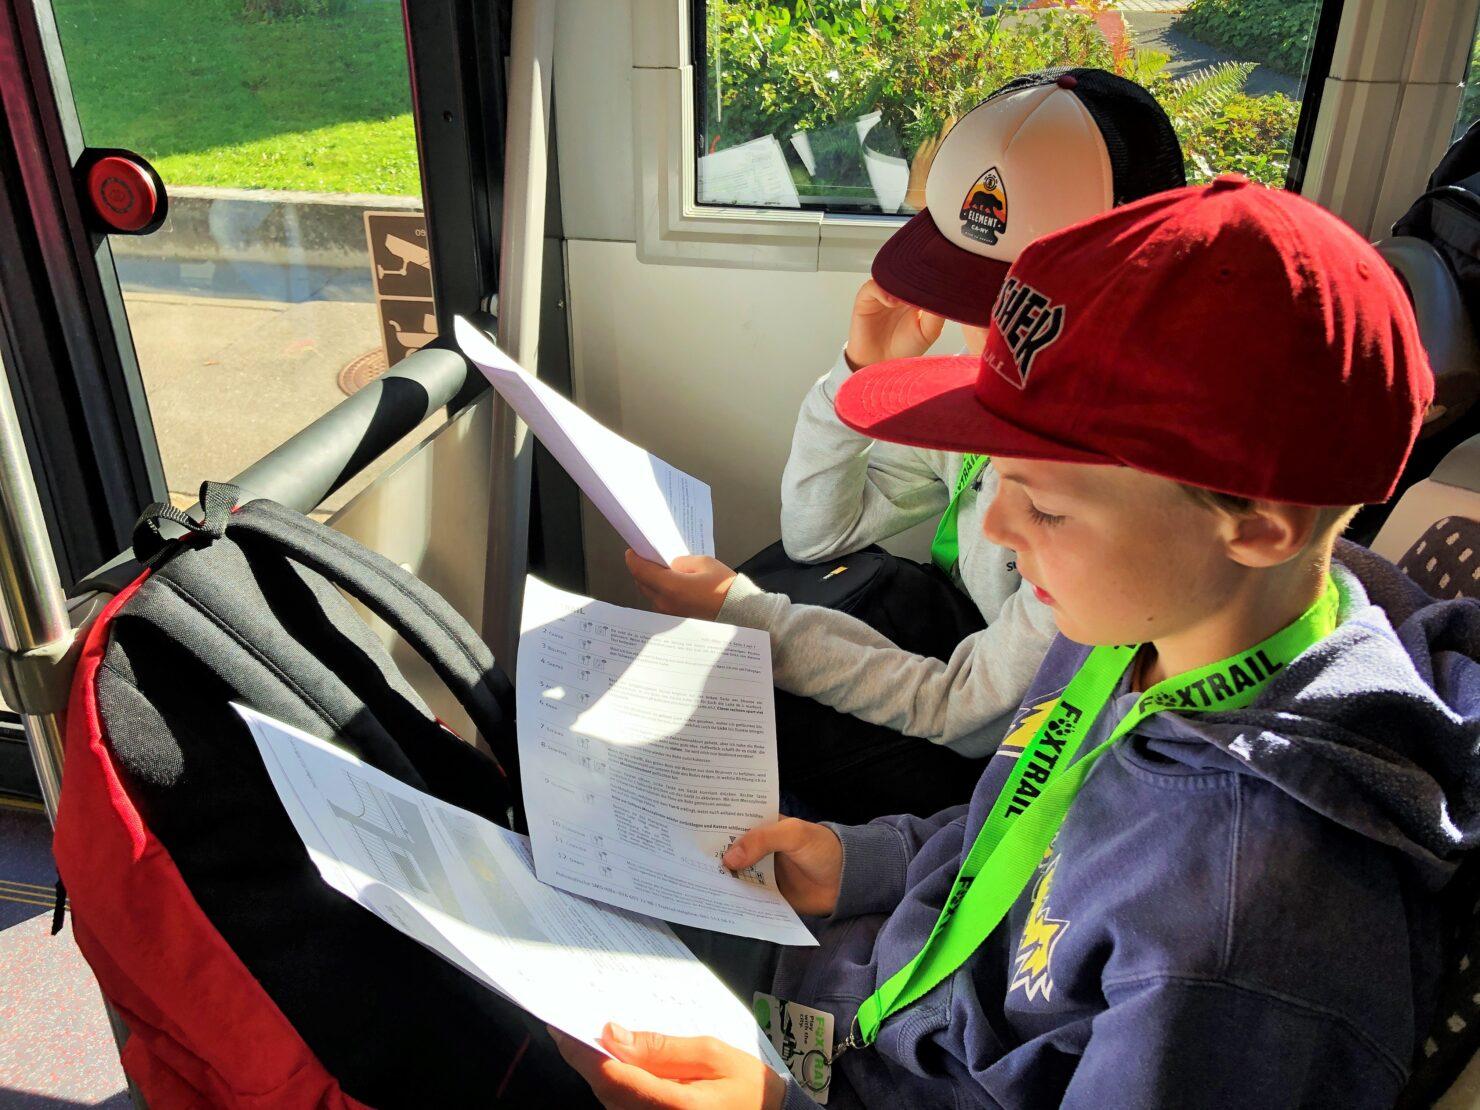 Praktisch lernen - Schüler auf ZVV-Entdeckungsreise